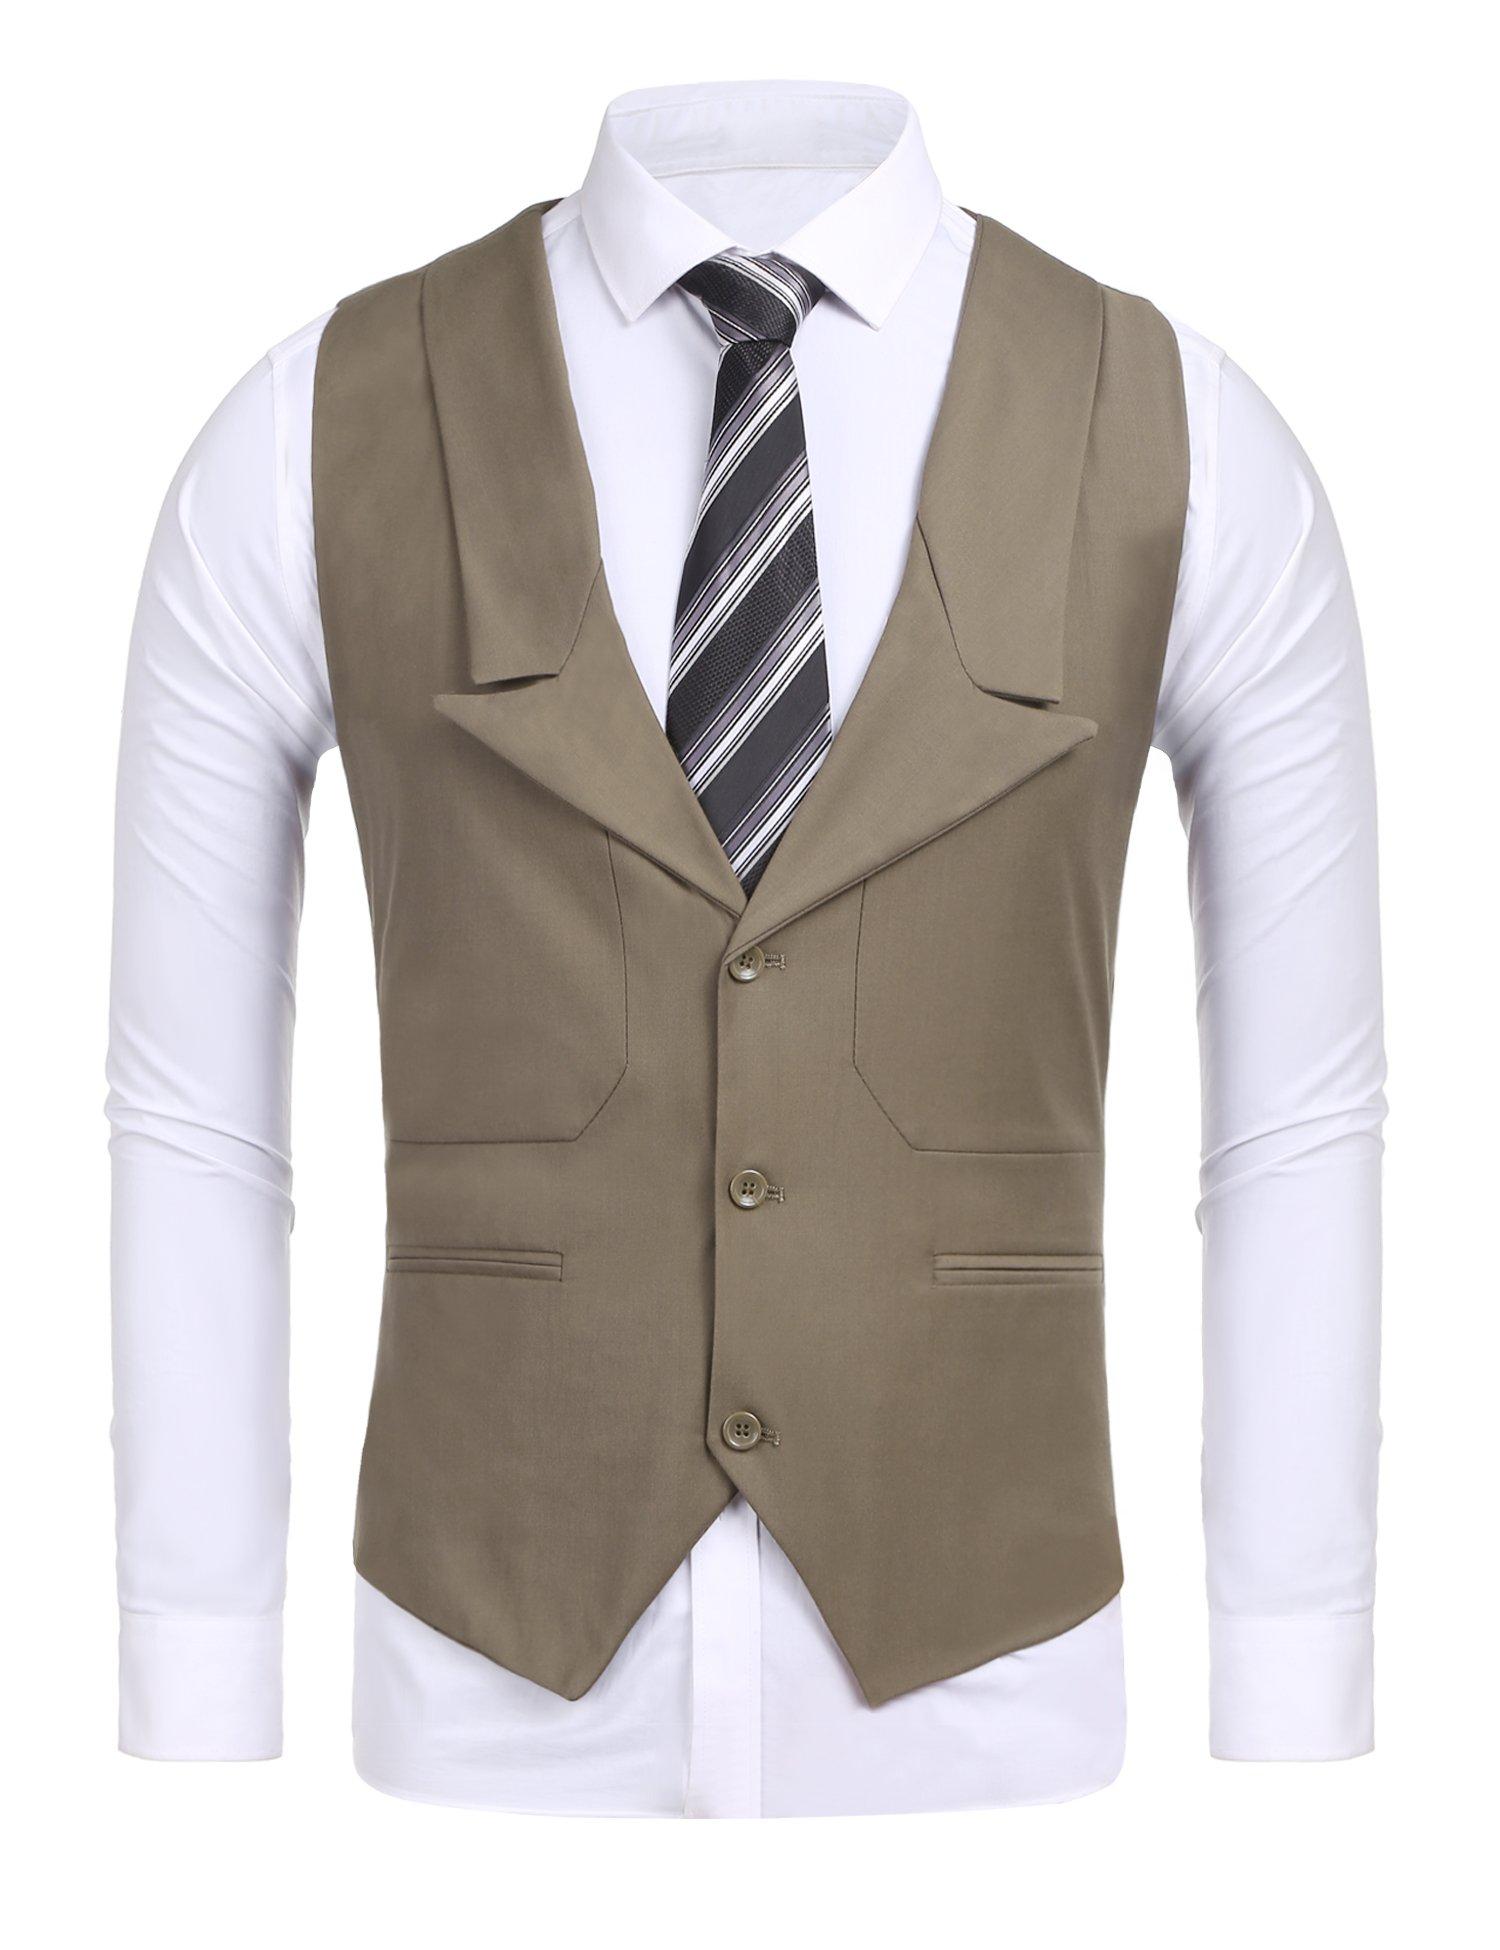 COOFANDY Men's Business Suit Vests Slim Fit 3 Button Vest Waistcoat (Khaki L)